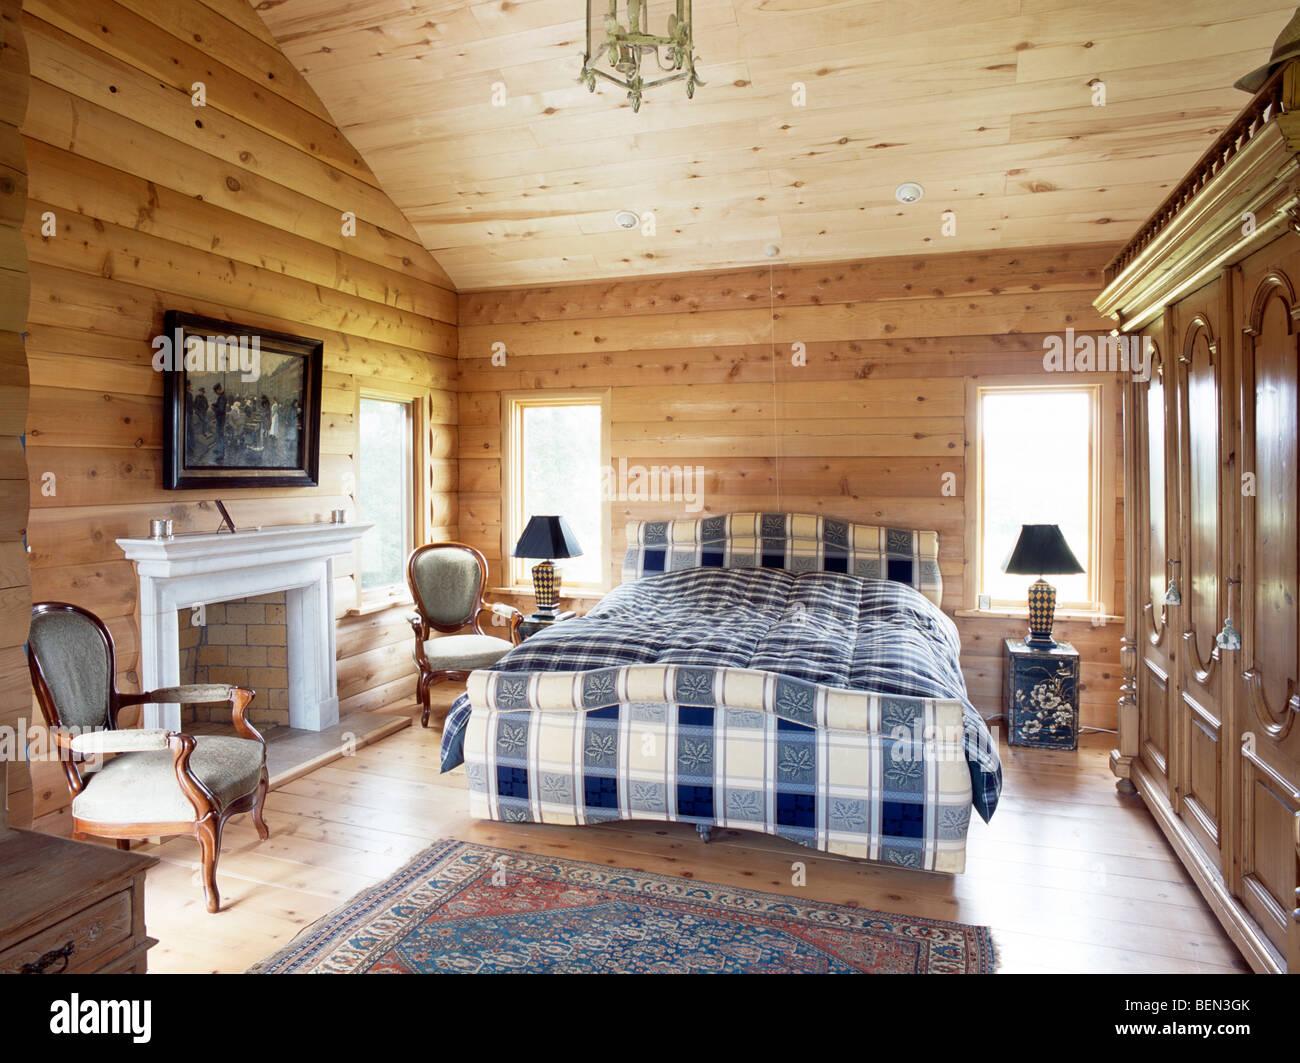 Hochwertig Blaue + Weiße Bettwäsche Auf Bett Im Land Schlafzimmer Mit Kiefern Log  Getäfelten Wände Und Die Decke Kiefer